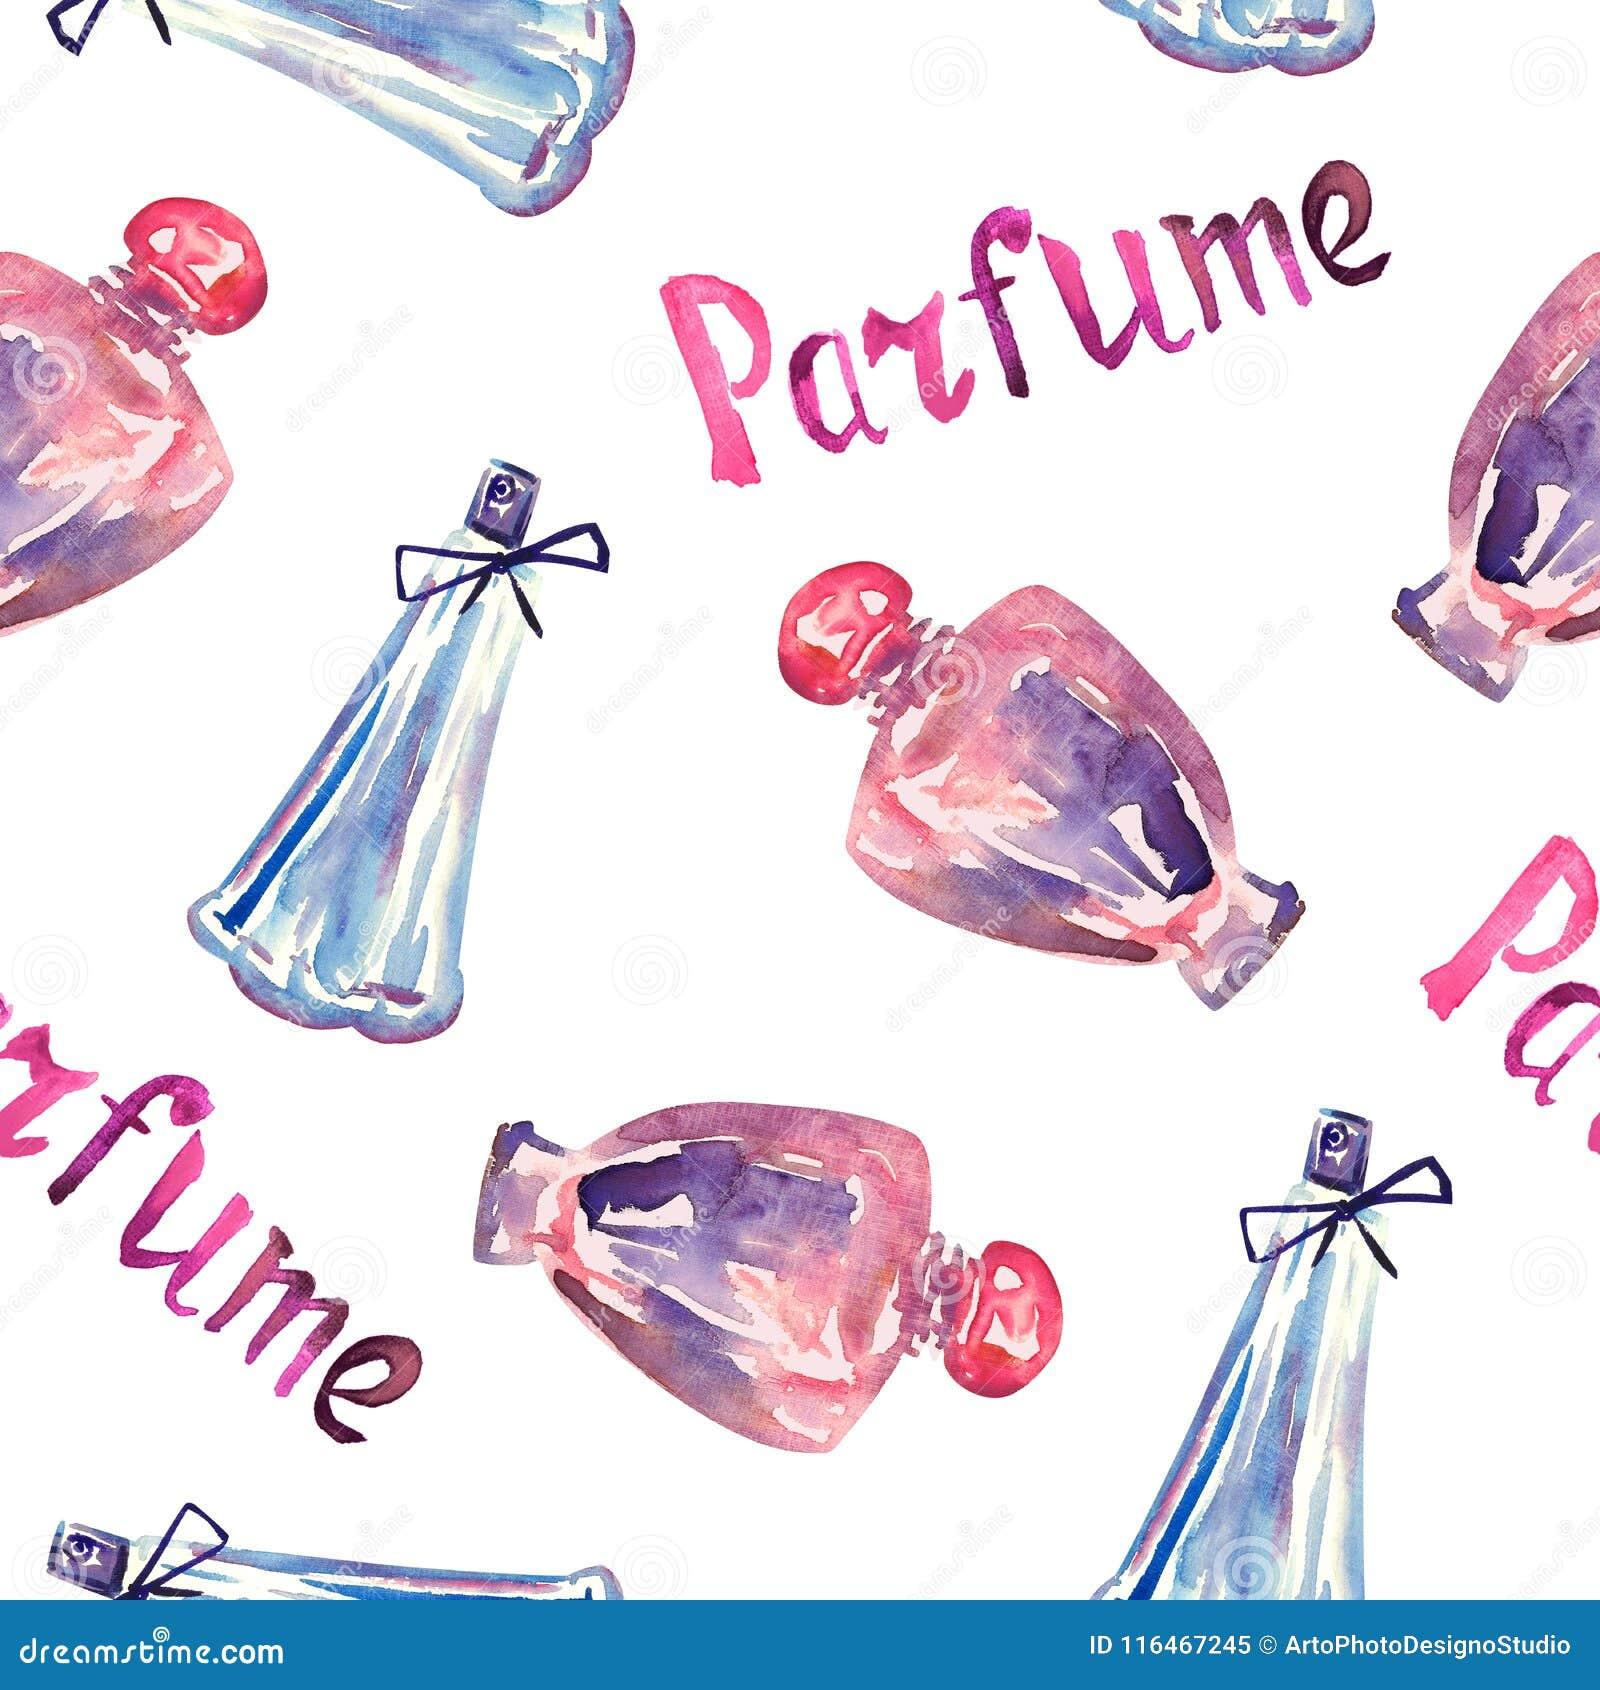 Parfum roze en blauwe flessen, hand geschilderde waterverfillustratie, inschrijving ` Parfume ` in Frans, naadloos patroon